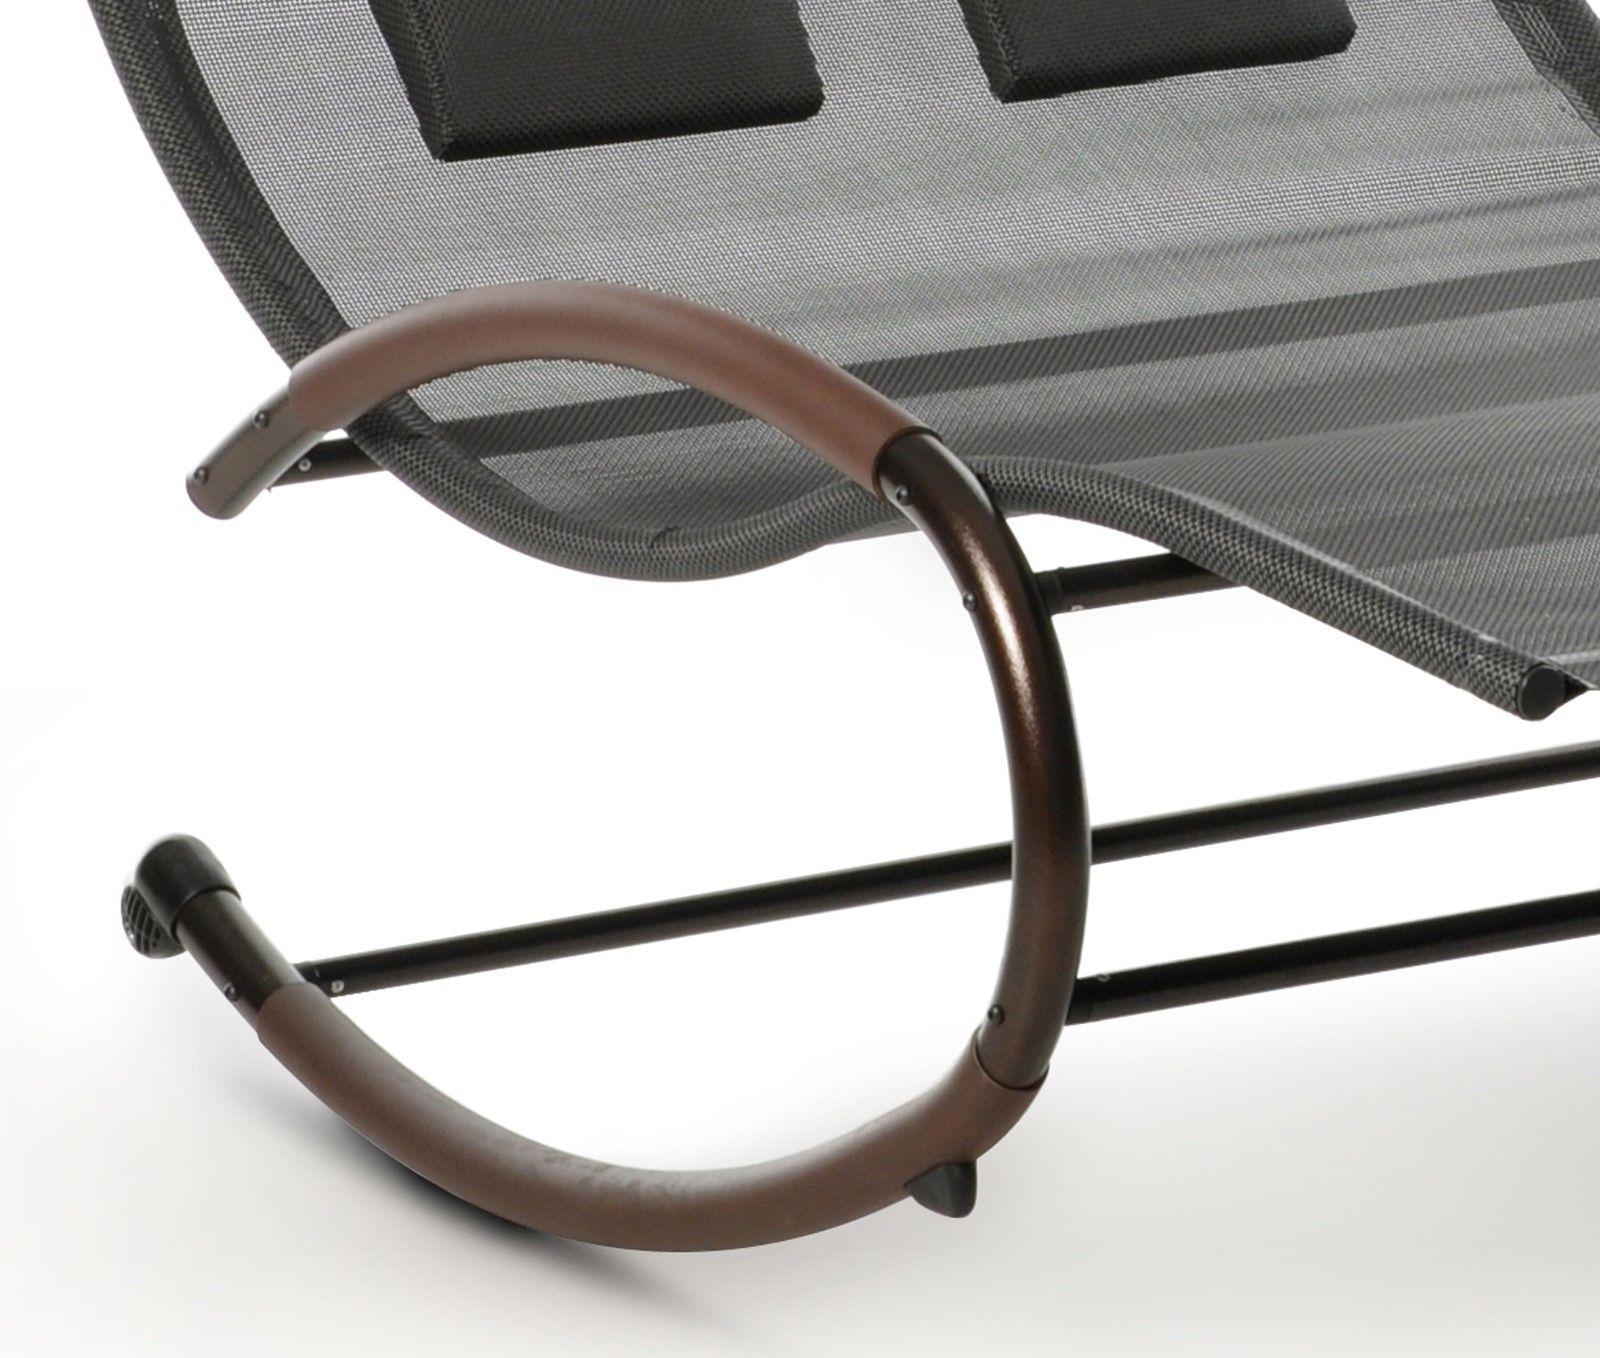 design schaukelliege sonnenliege garten liege relaxliege lounge doppelliege bett garten m bel. Black Bedroom Furniture Sets. Home Design Ideas